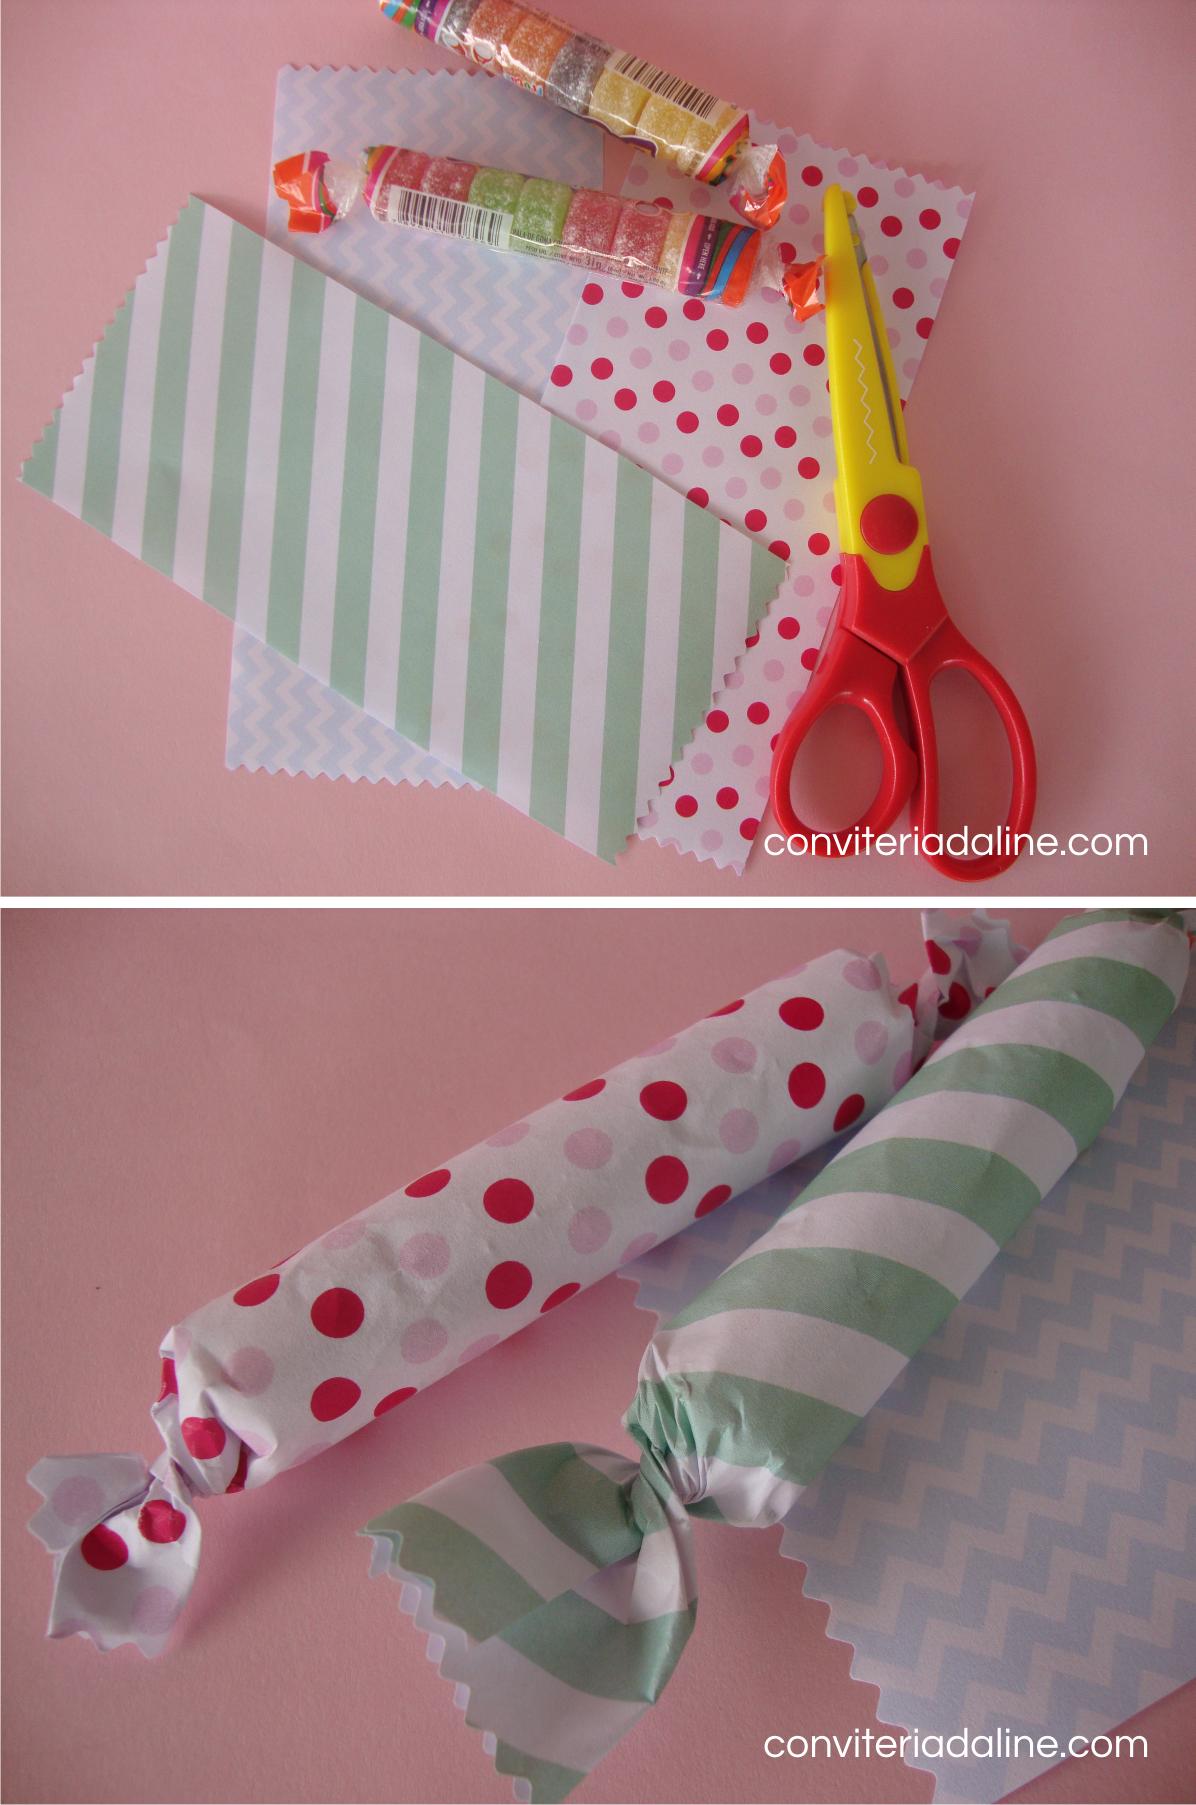 Papel colorido + balinhas de gomas = lembrança linda e fofa para alegrar a criançada! Vejam mais DIY em: blog.conviteriadaline.com.br